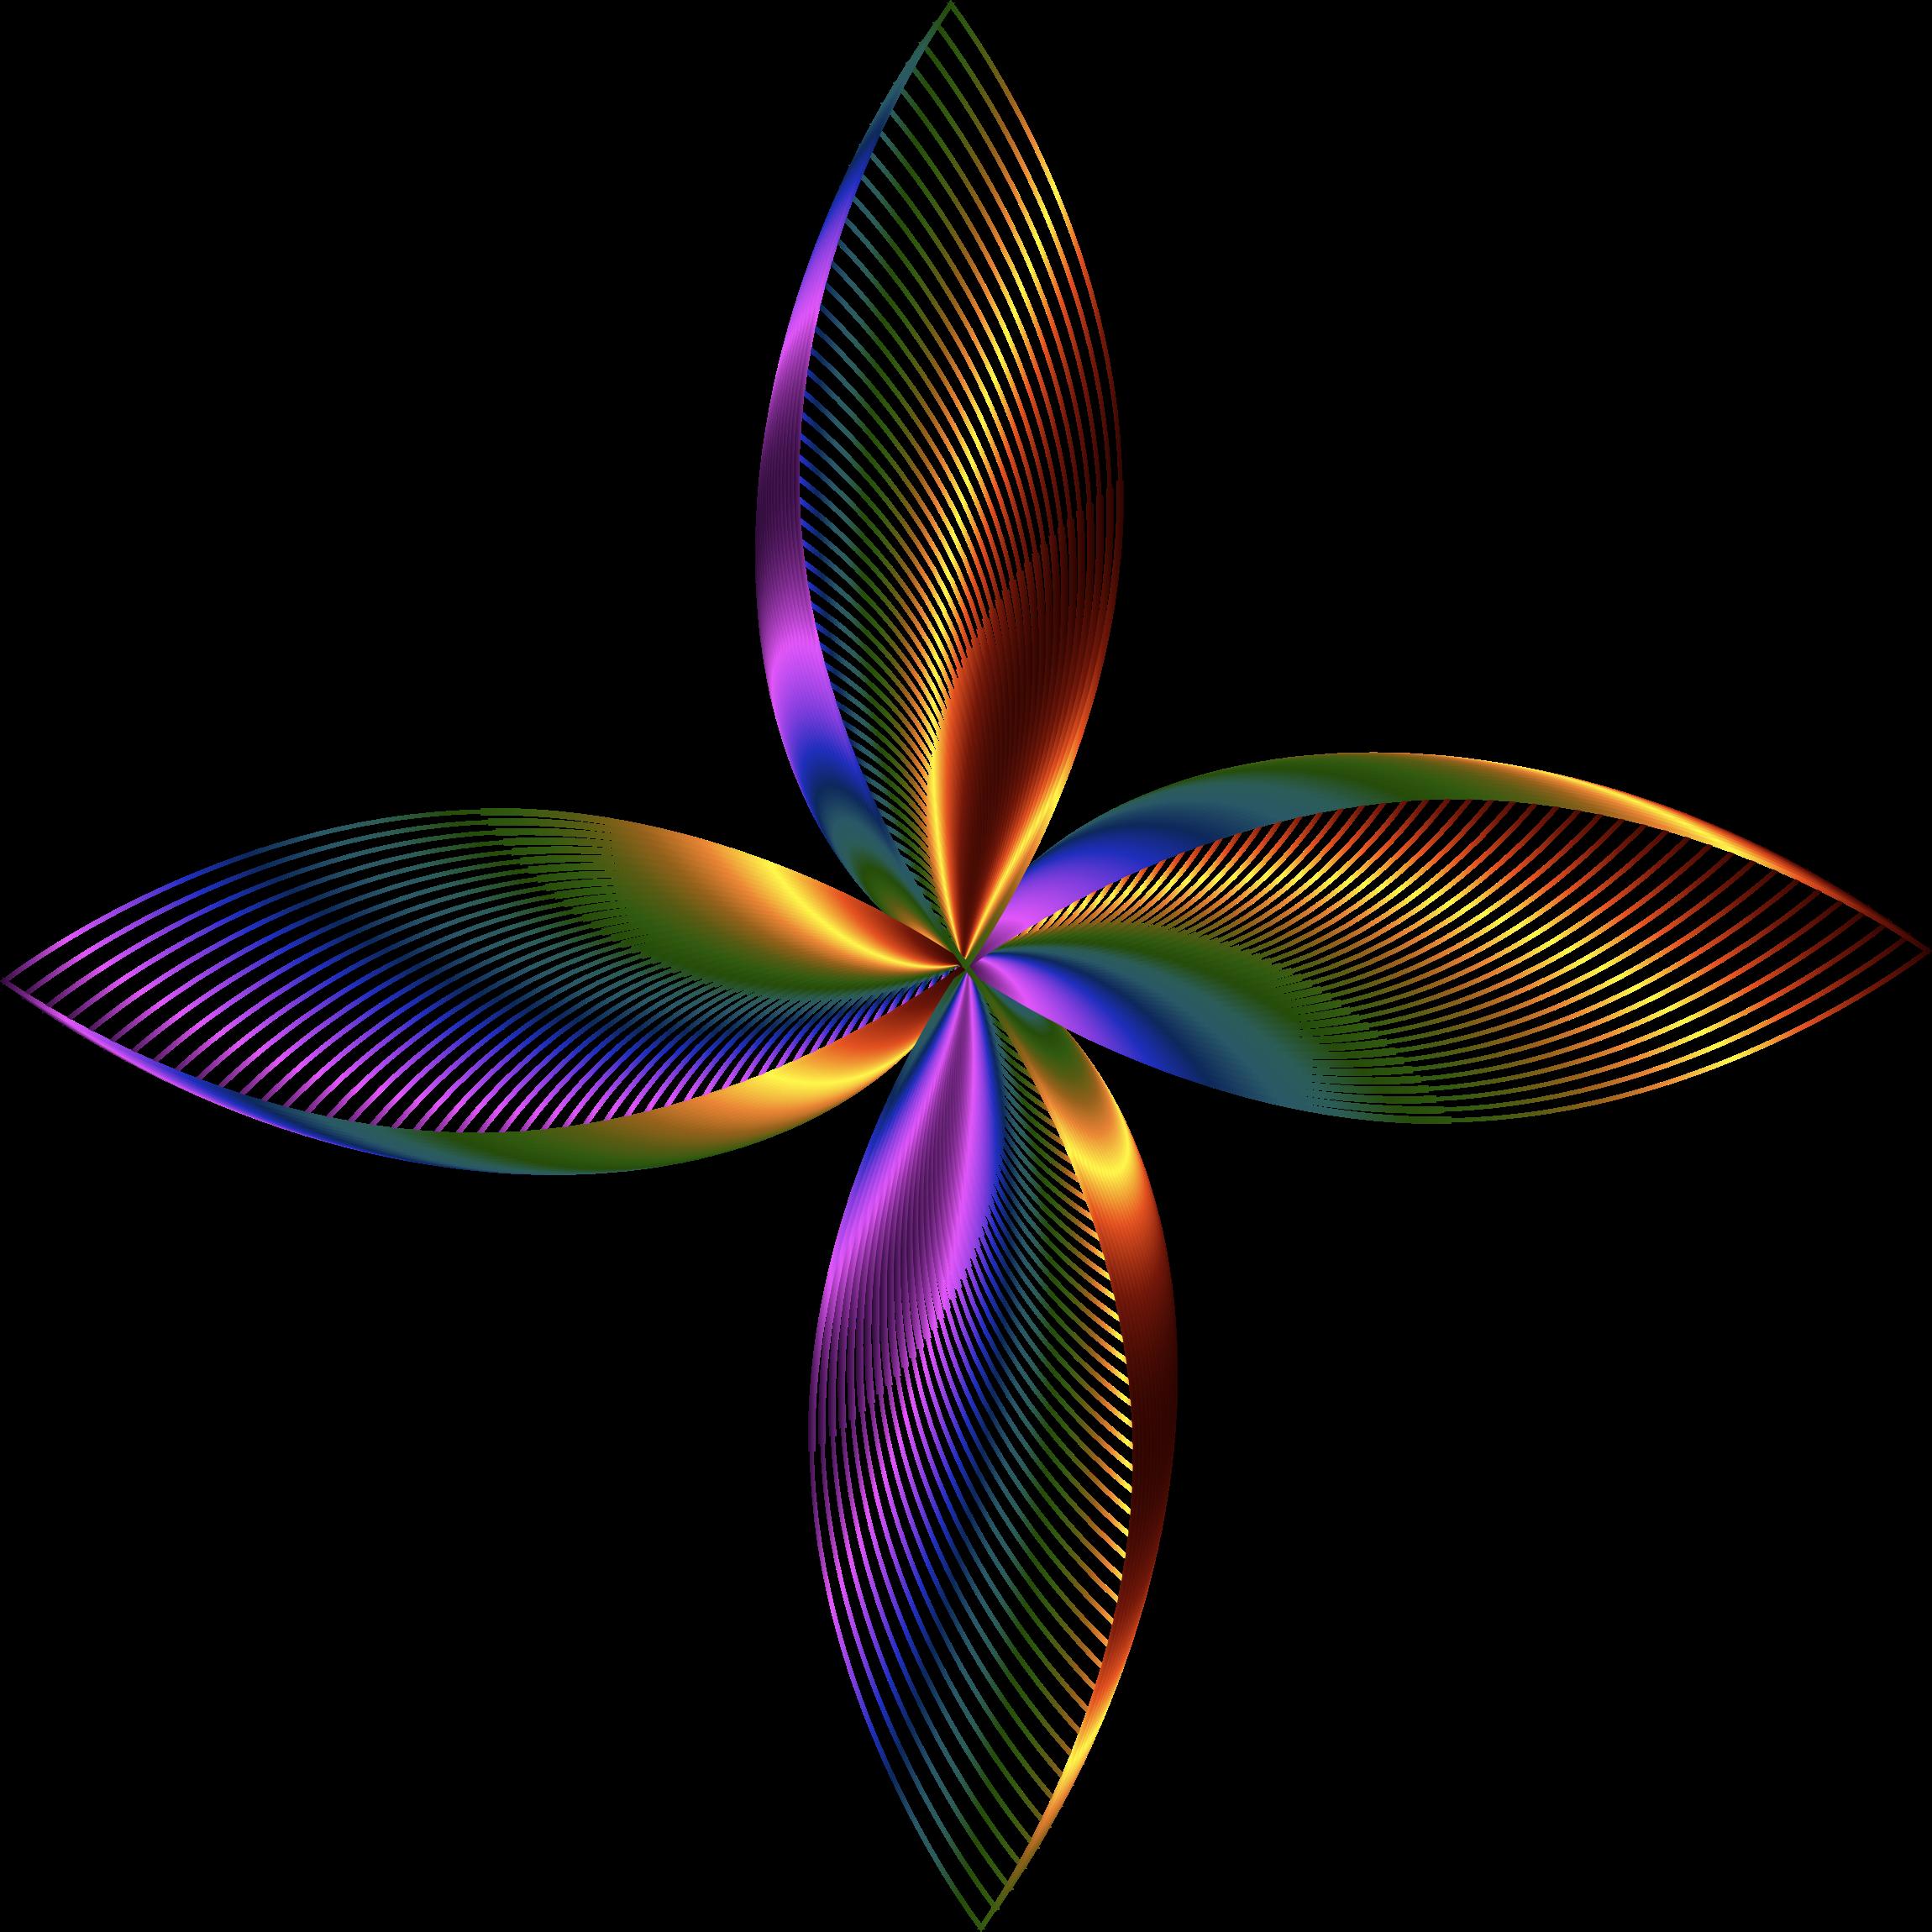 Line Art No Background : Clipart prismatic petals line art no background